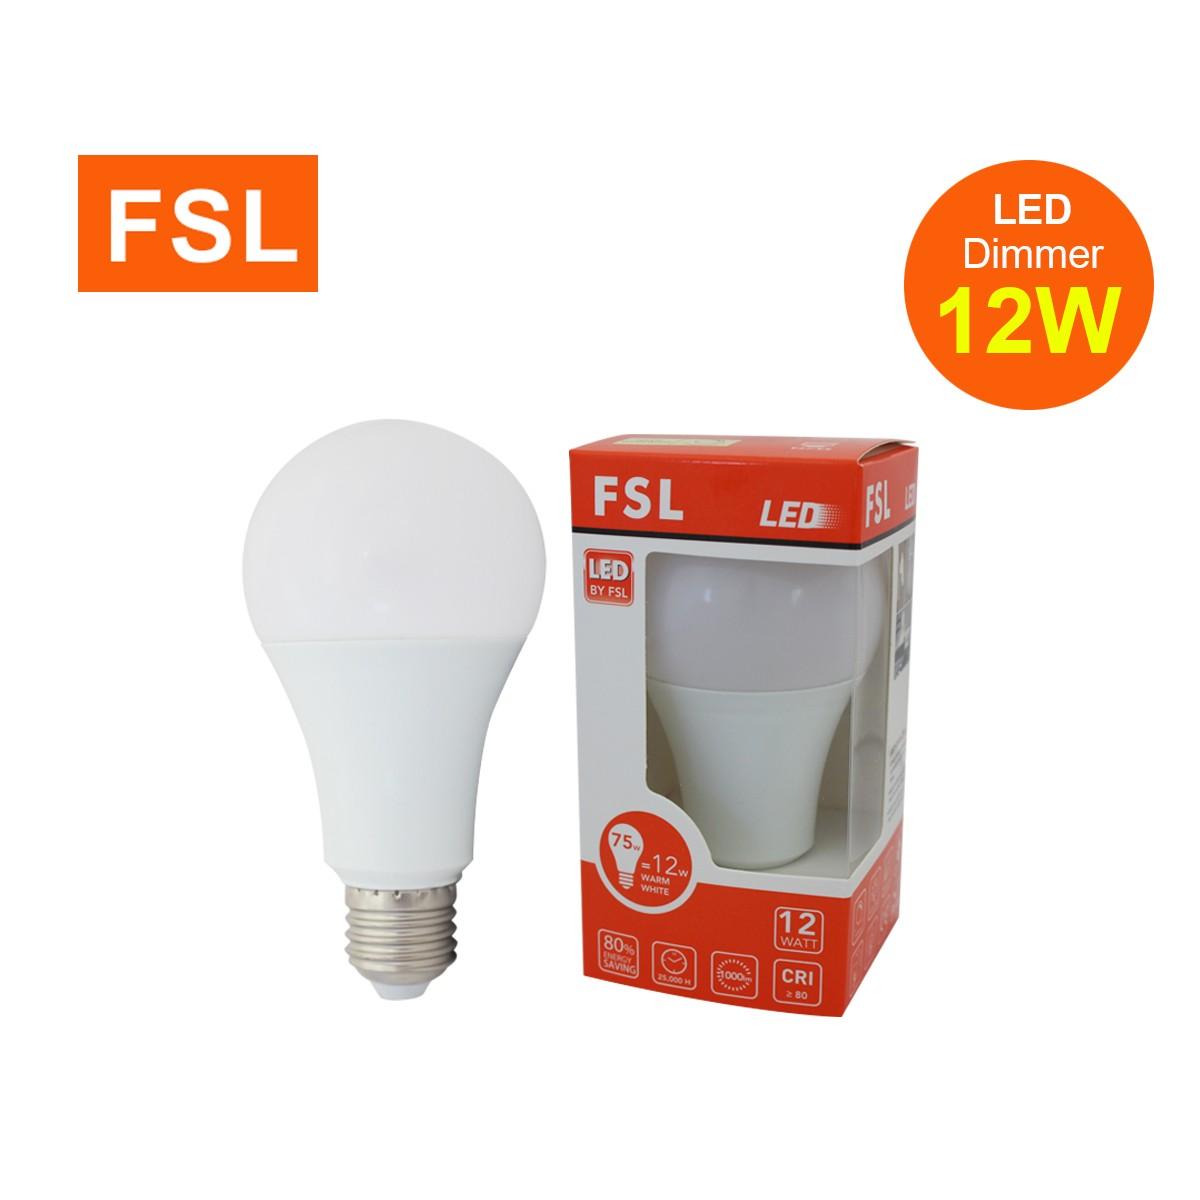 หลอดปิงปอง LED Bulb FSL 12w Dim